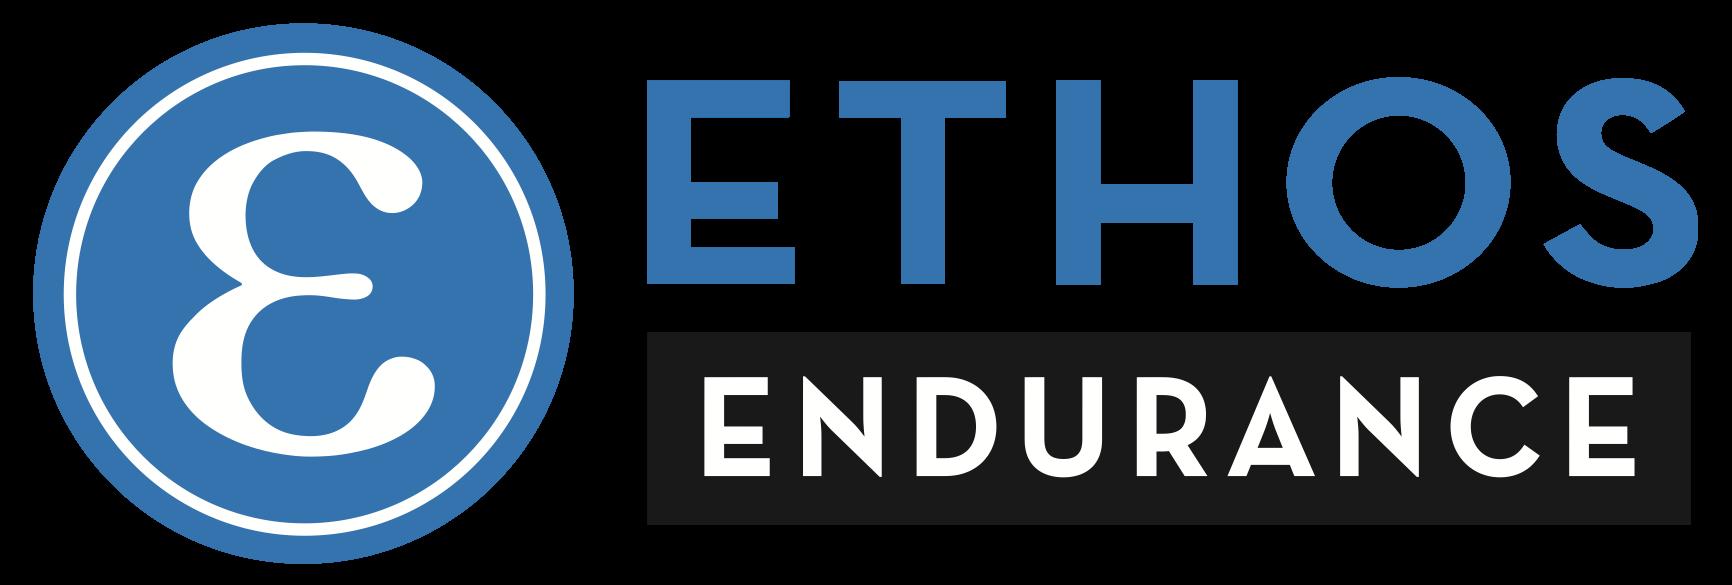 Ethosendure